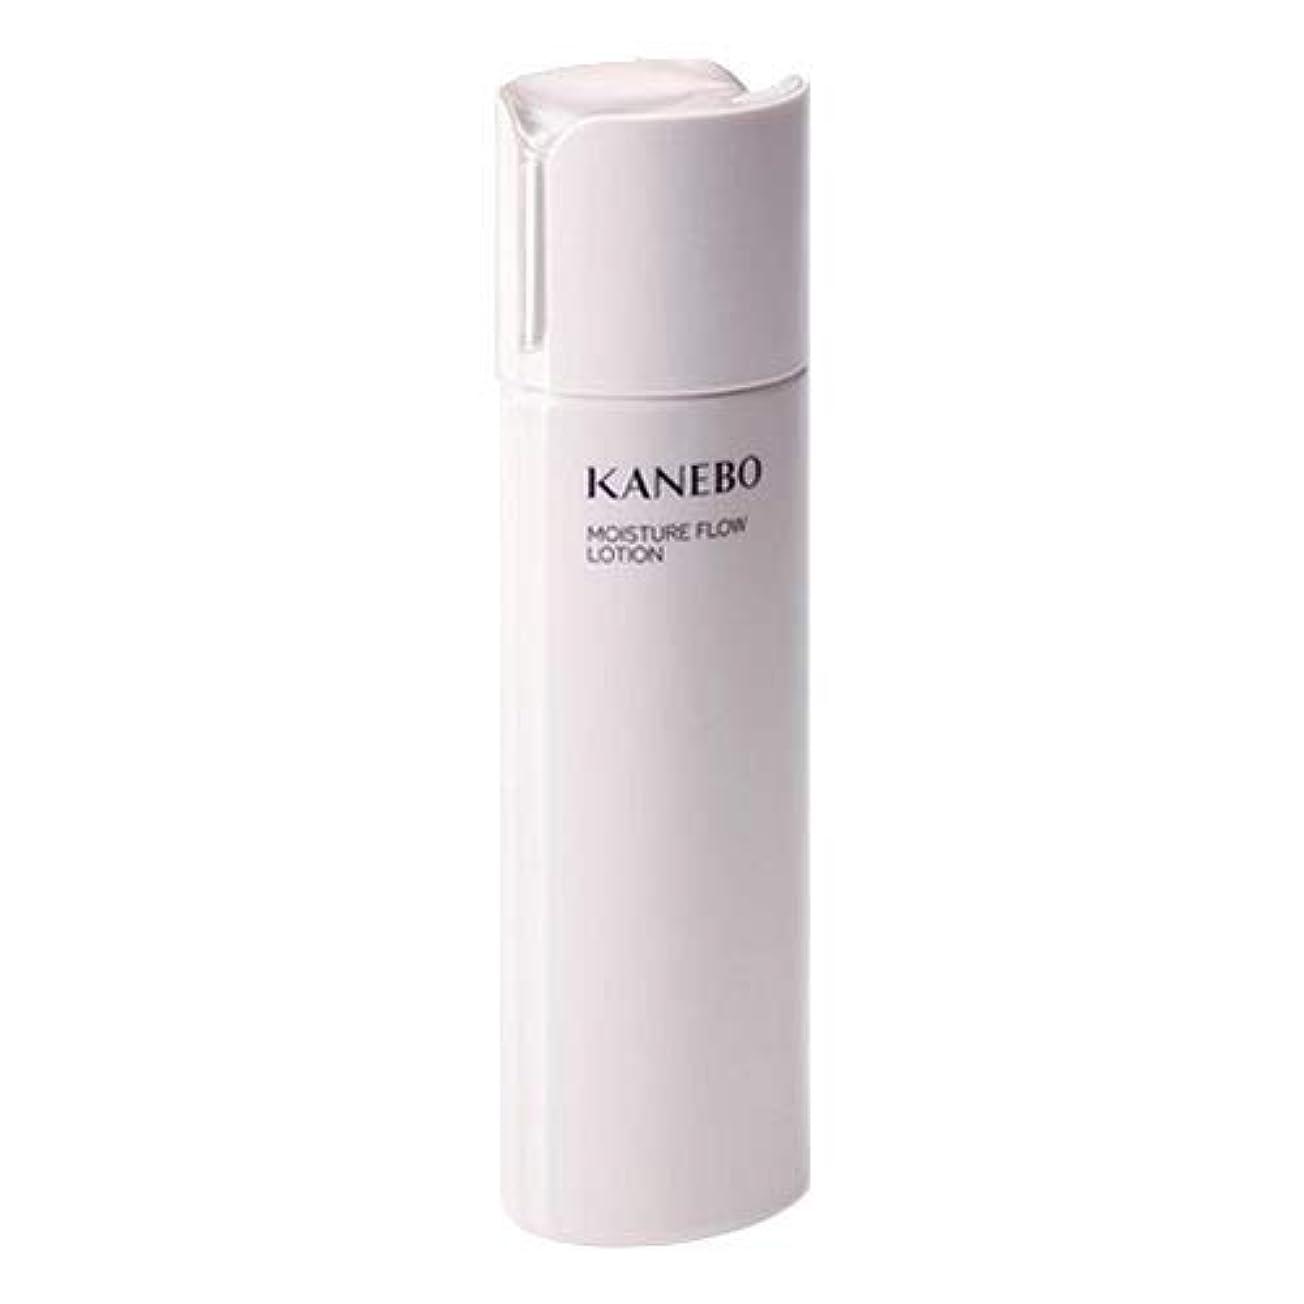 ほこりっぽい全滅させる洗うカネボウ KANEBO モイスチャー フロウ ローション 180mL [並行輸入品]